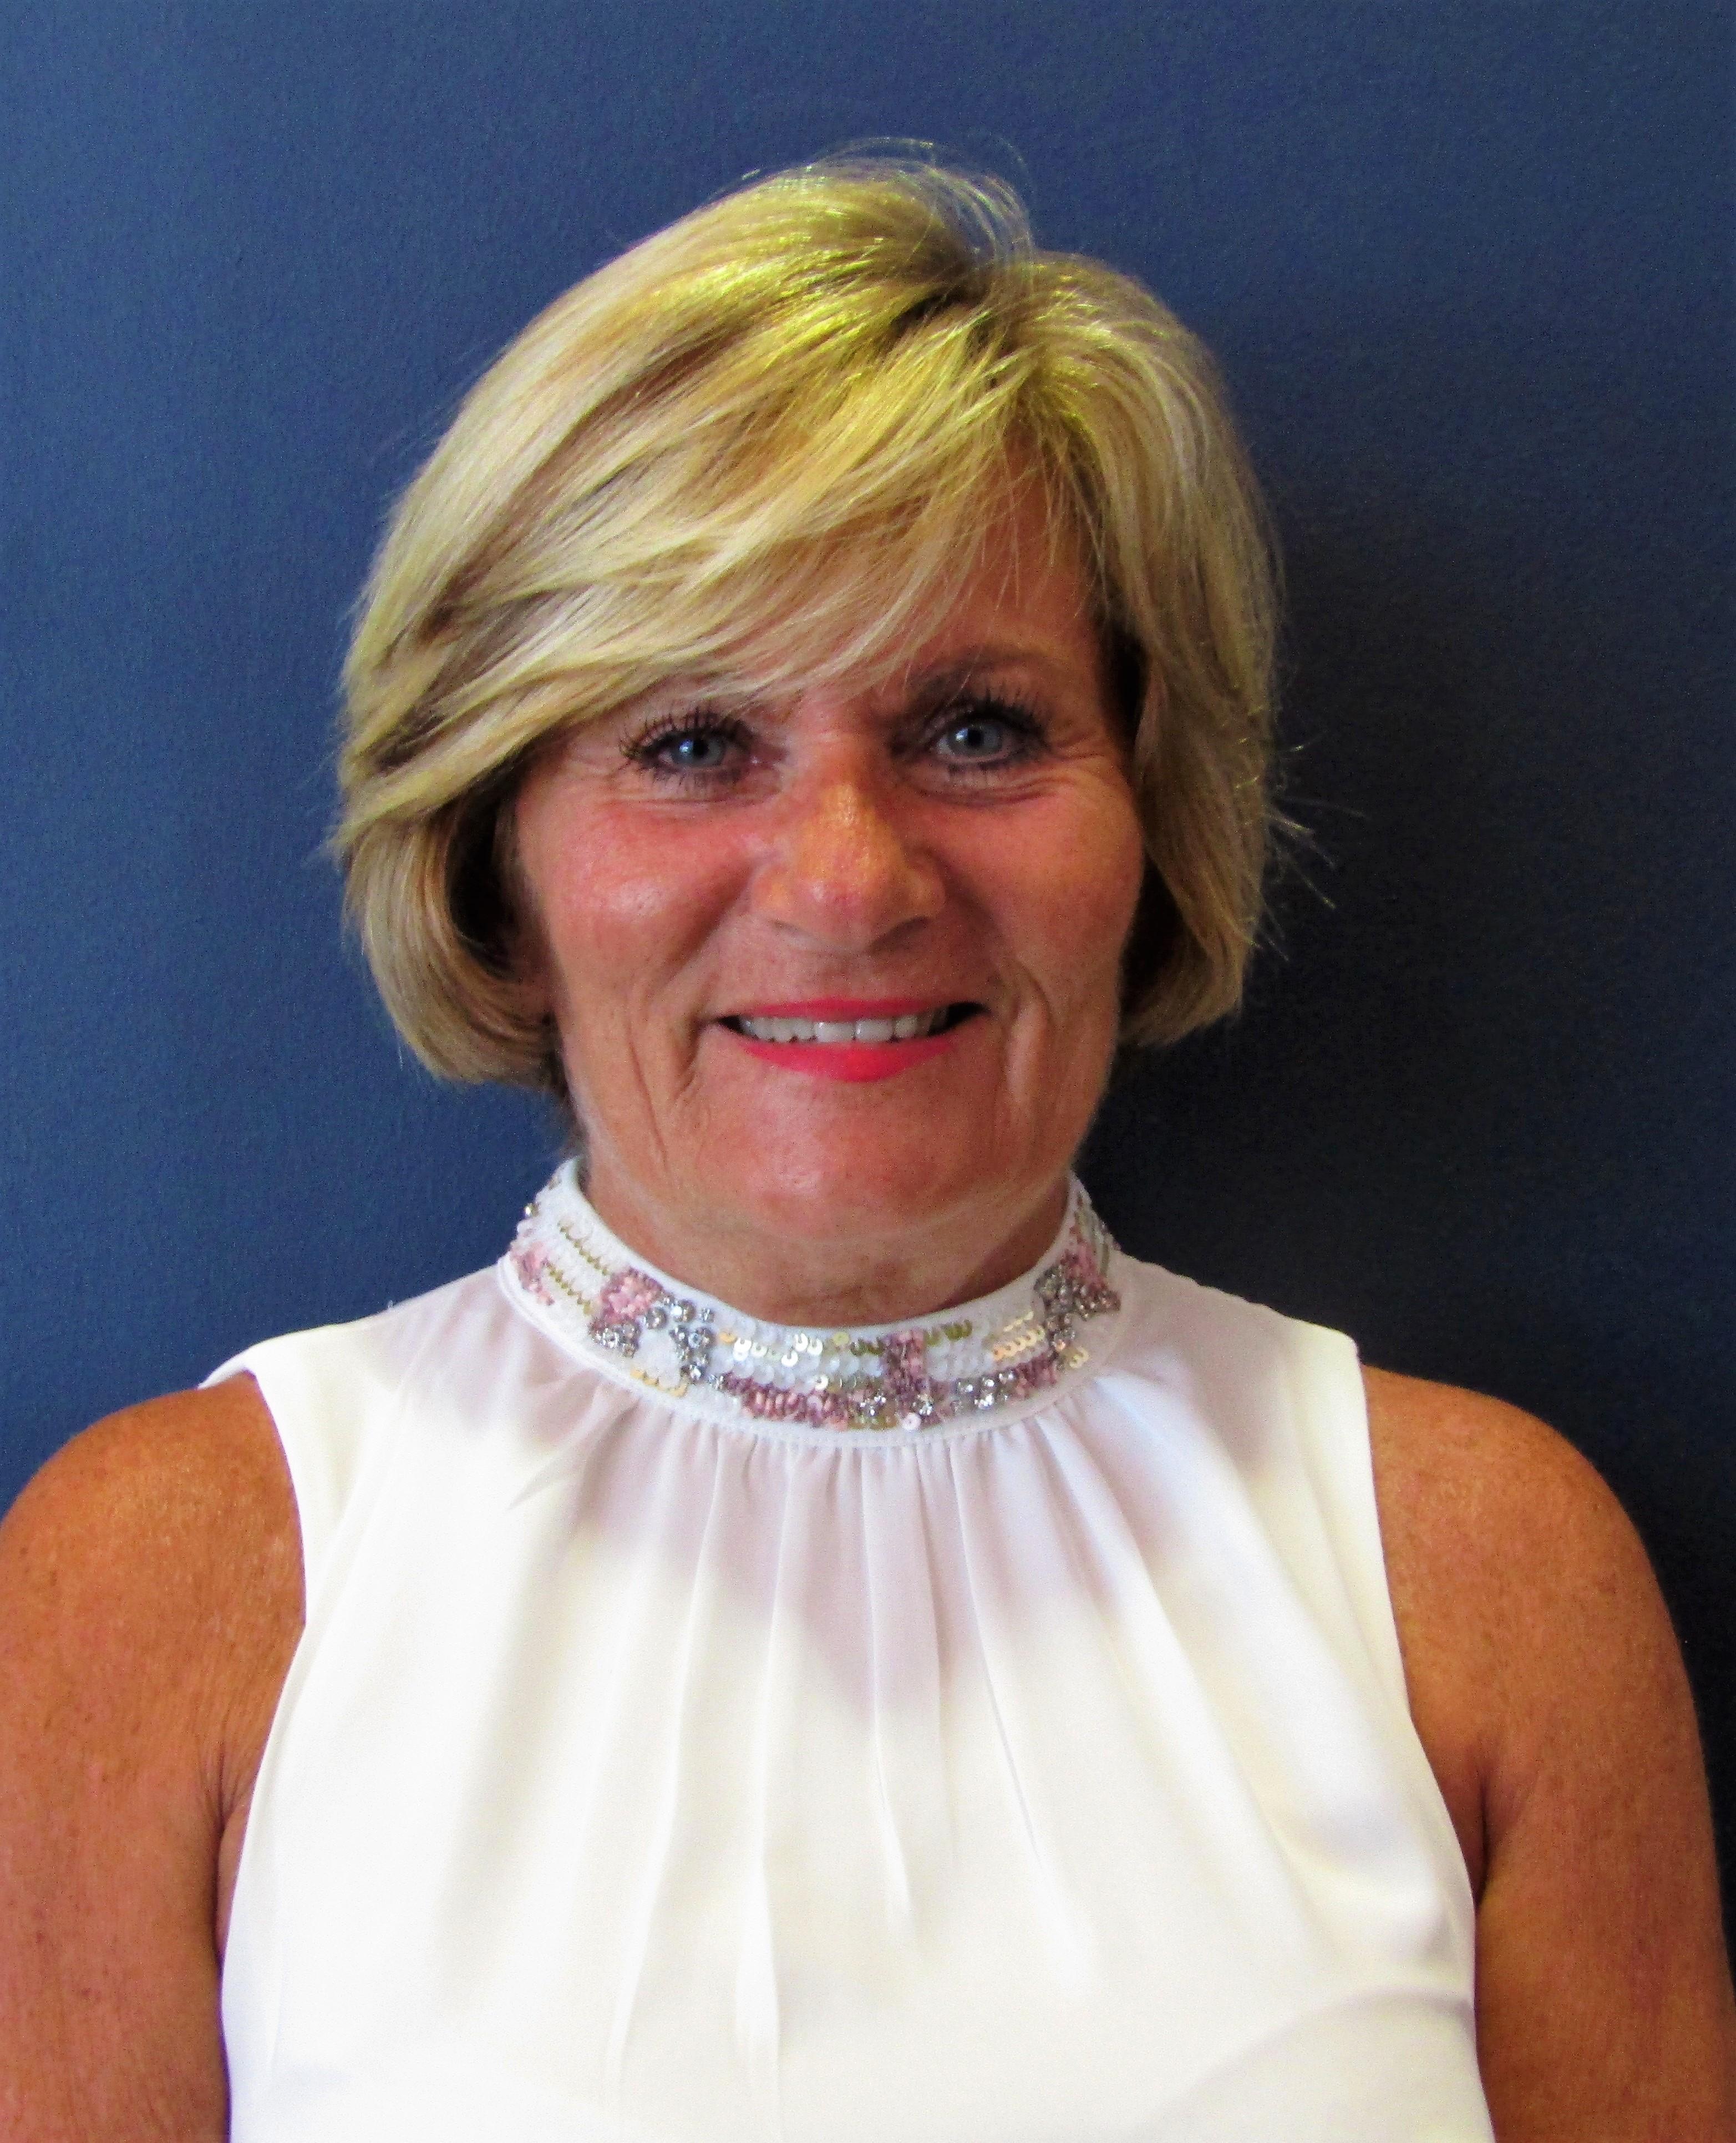 Cindy-Lee van der Sandt